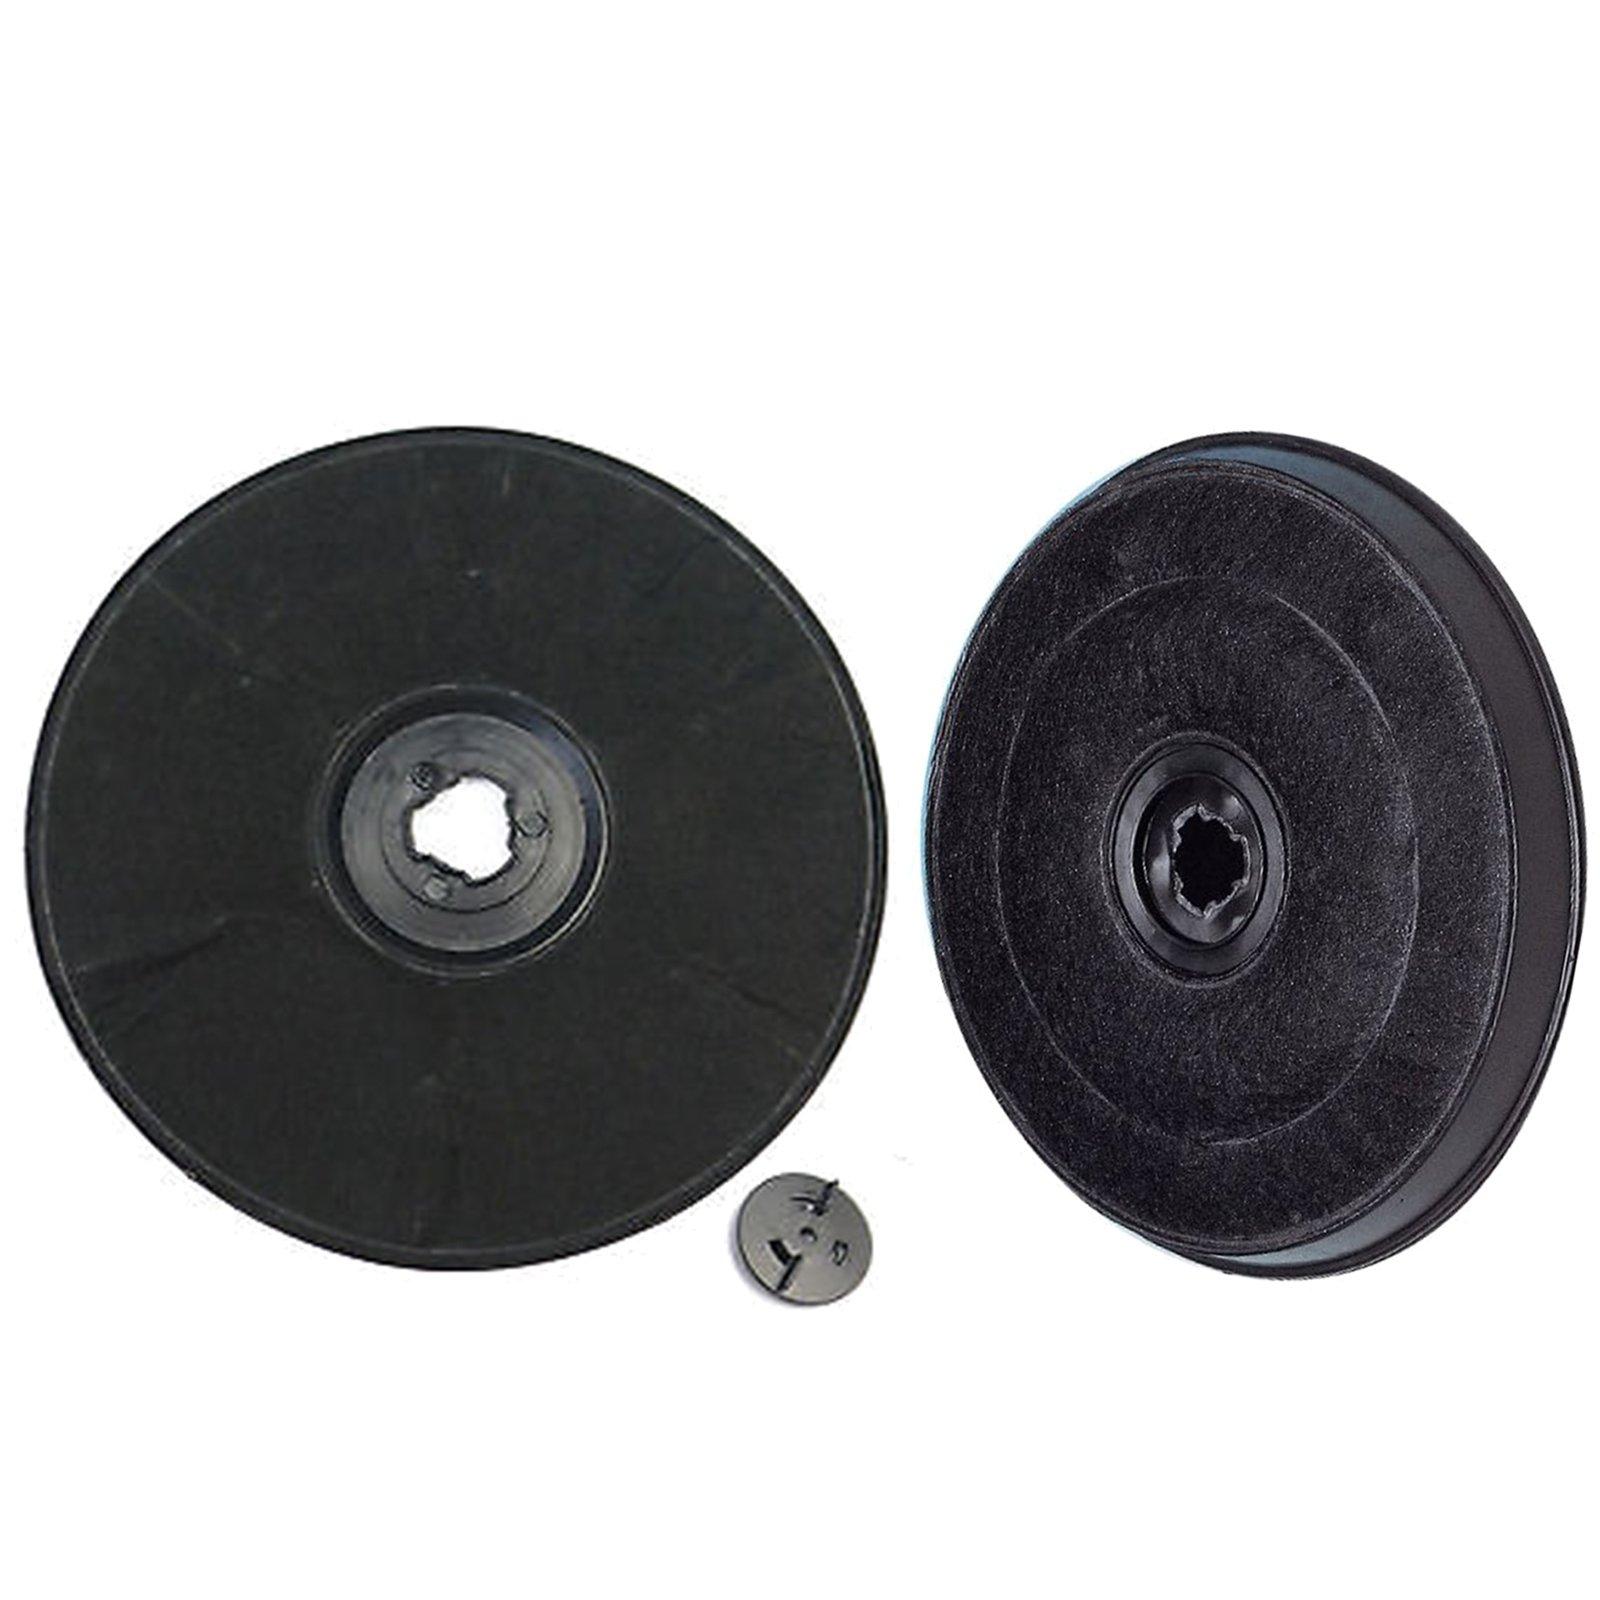 Spares2go EFF57 tipo carbono filtro de carbón para campana de cocina Elektro Helios SF644 – 2/Extractor Ventilación (230 x 20 mm, juego de 1 o 2) 2 Carbon Filters: Amazon.es: Hogar